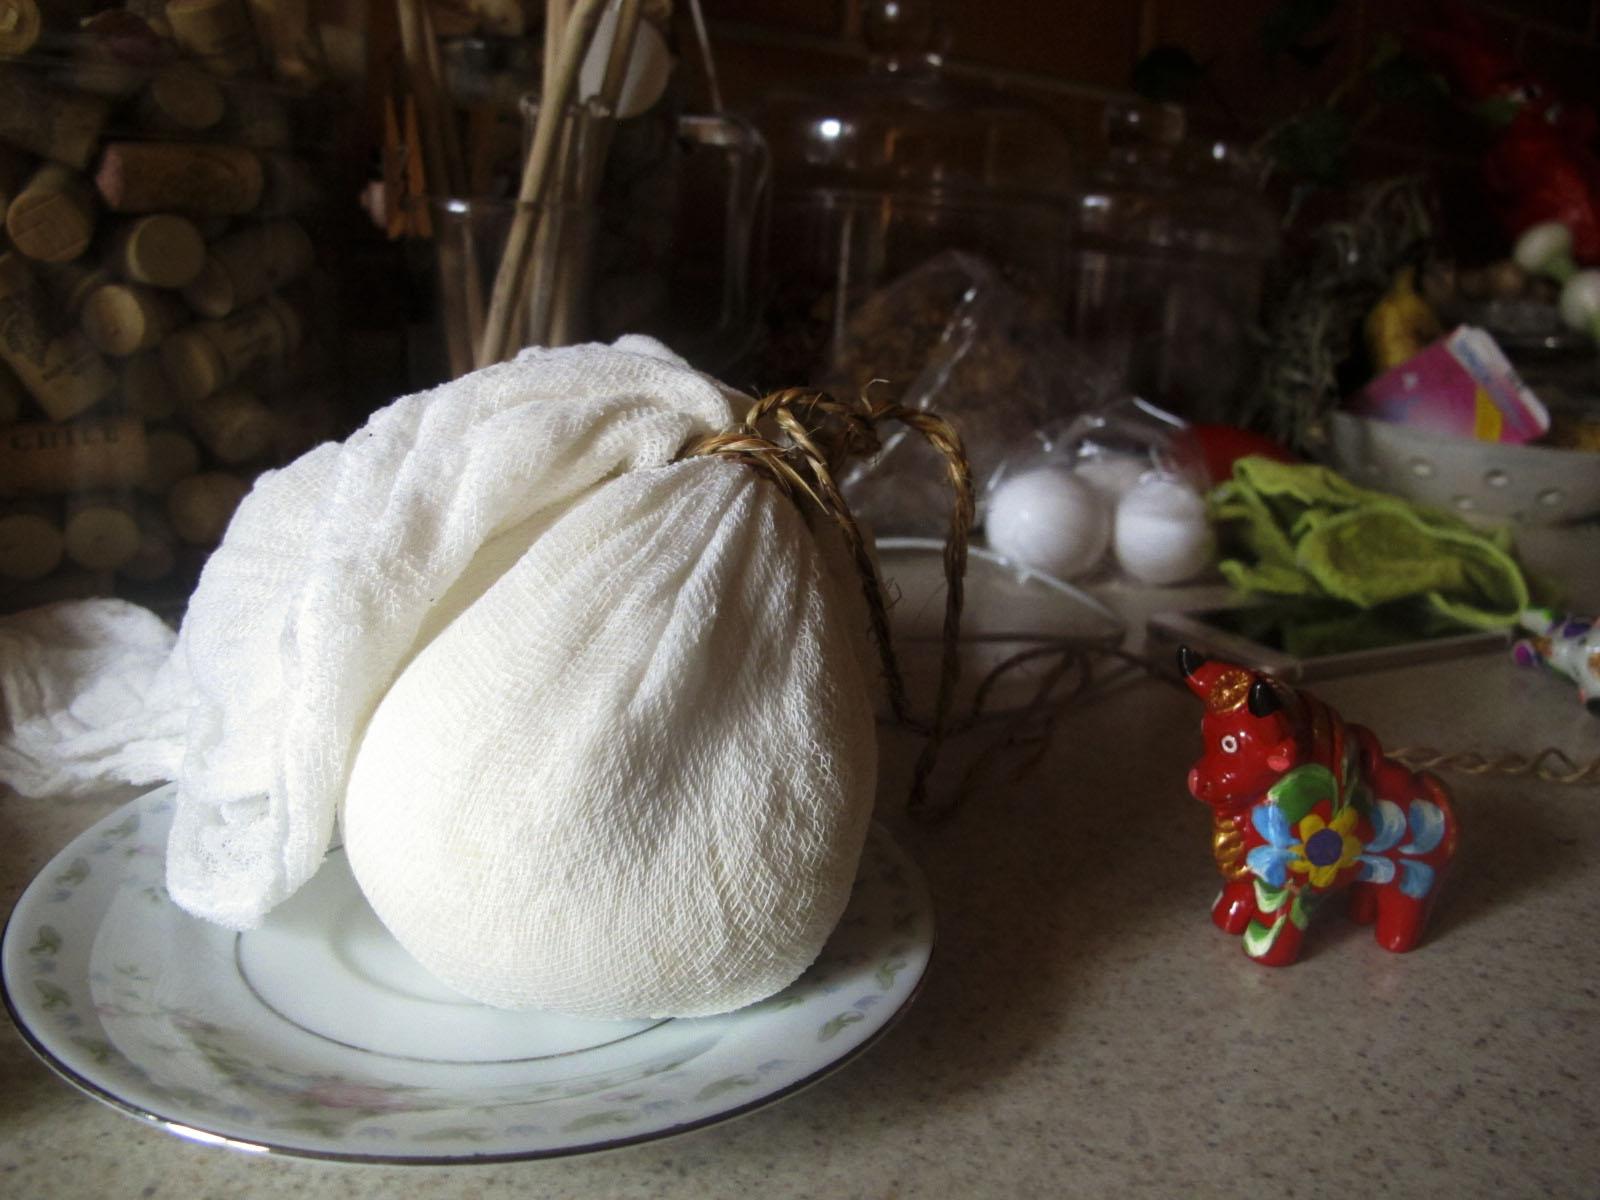 07012018_recetacritica-pan y queso.jpg